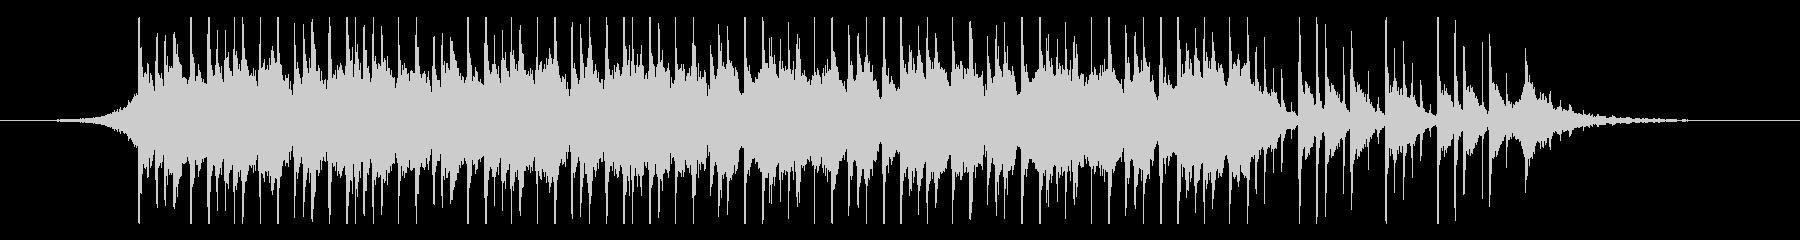 これはラマダンです(30秒)の未再生の波形